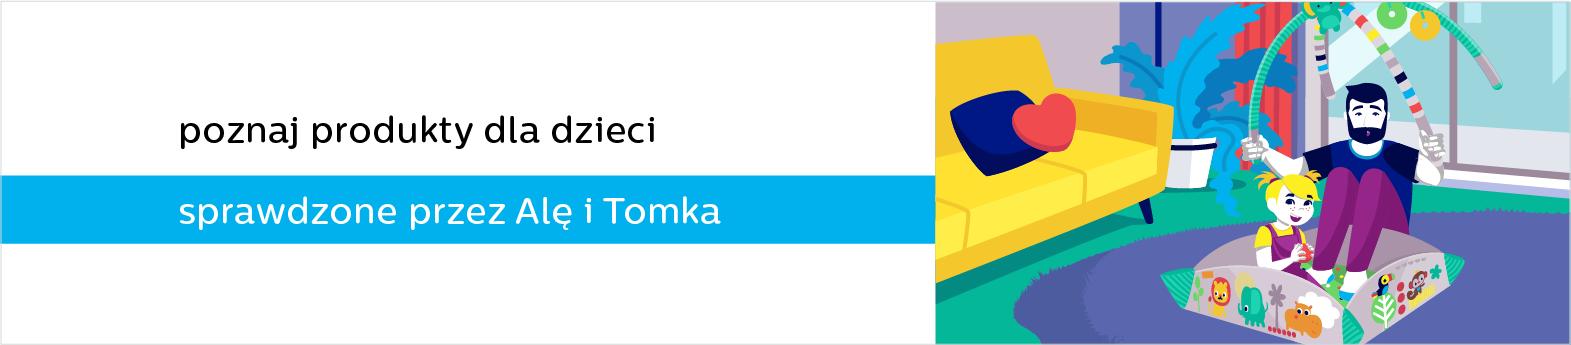 Ala i Tomek odcinek 2